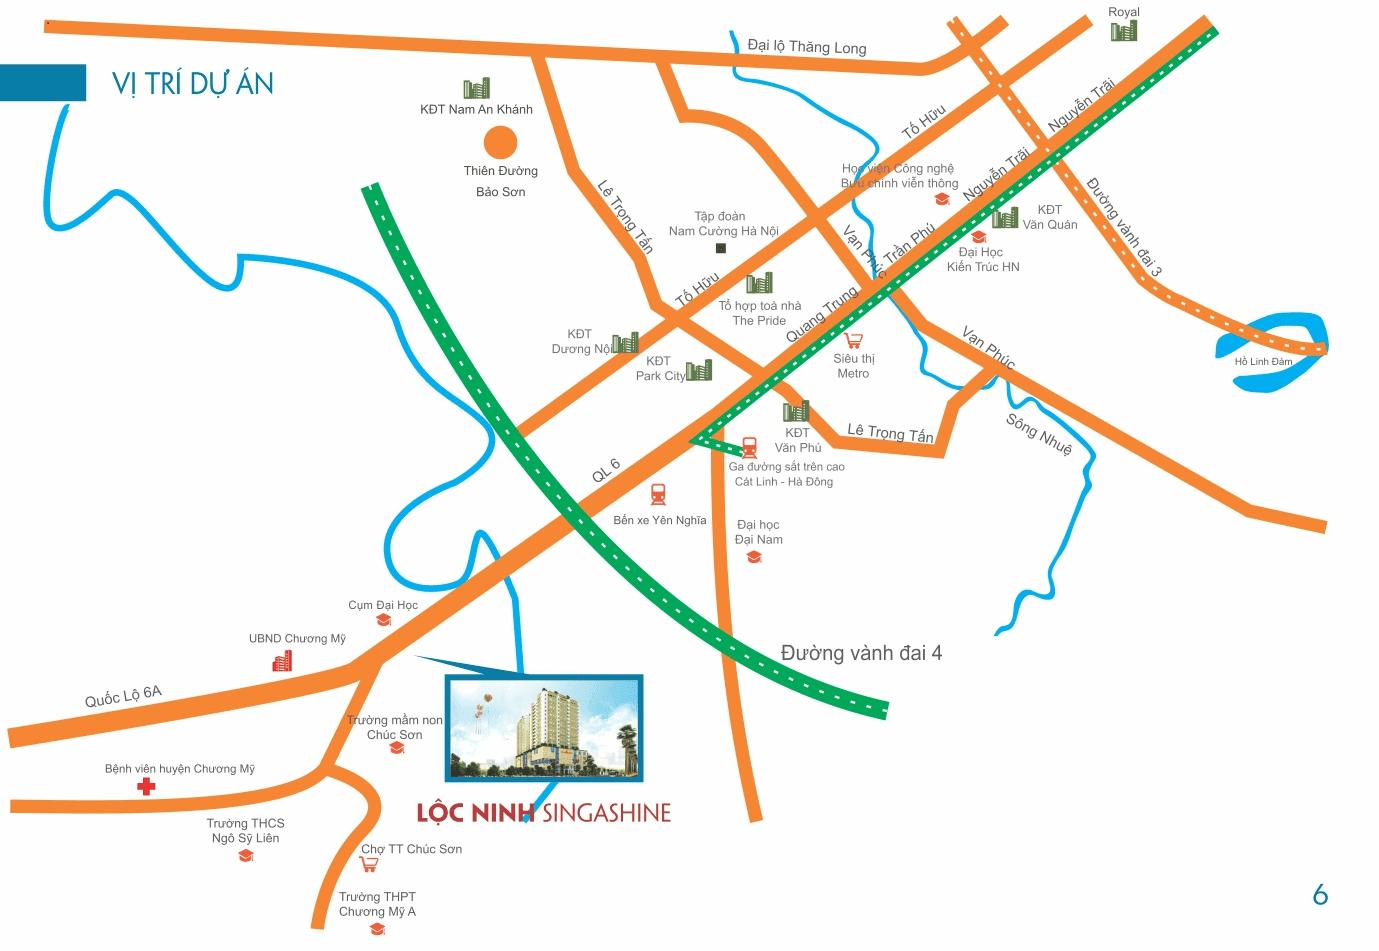 Vị trí Lộc Ninh Singashine